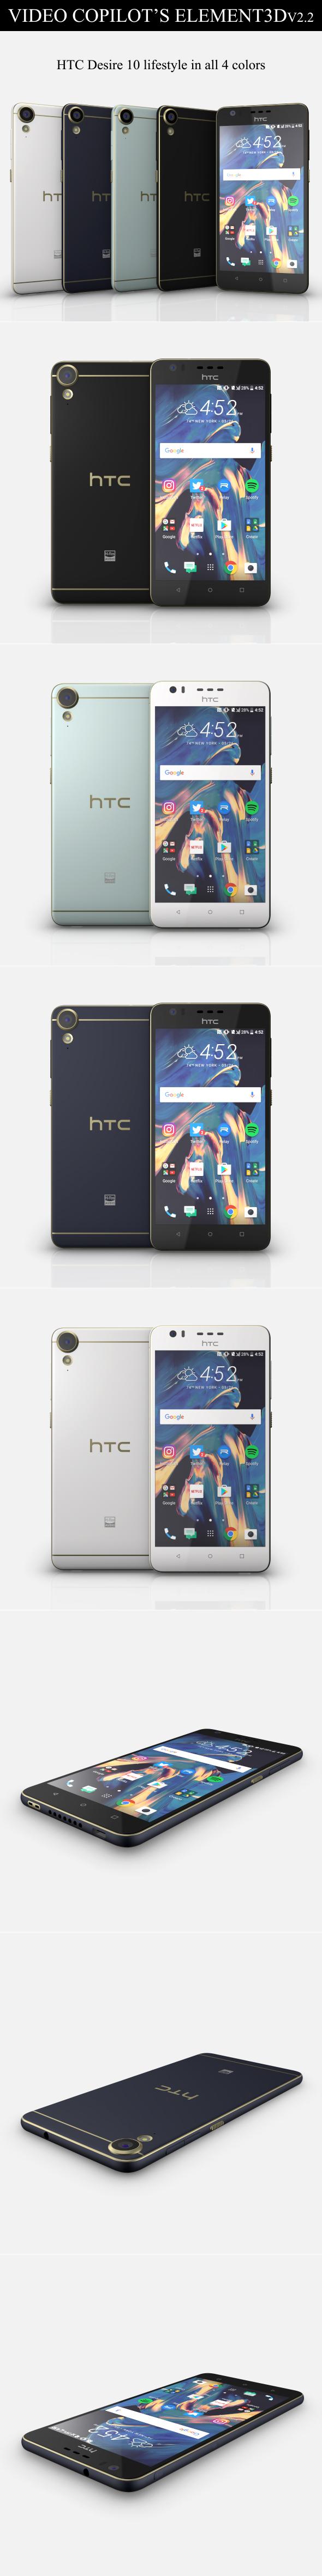 Element3D - HTC Desire 10 lifestyle - 3DOcean Item for Sale